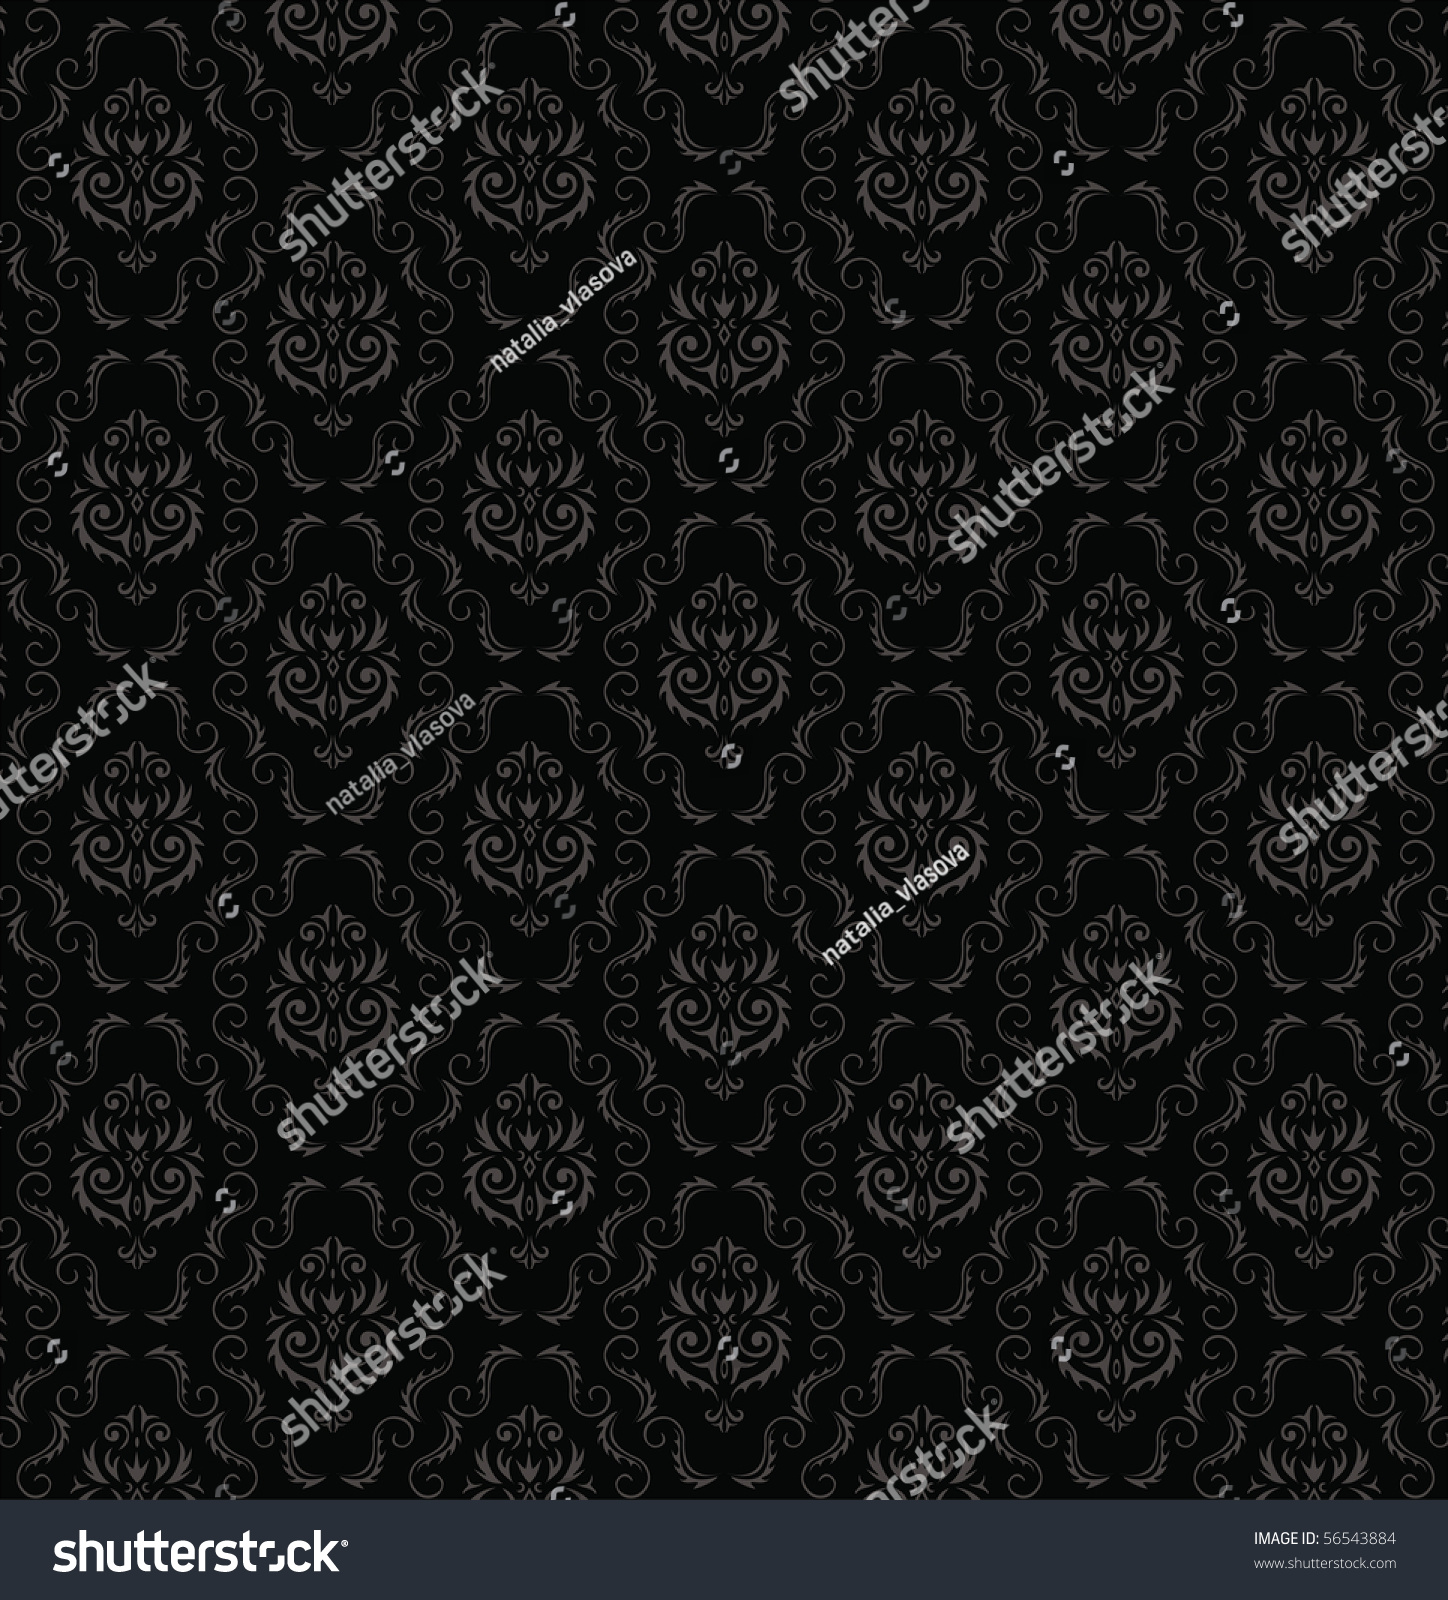 无缝壁纸图案,黑色的-背景/素材